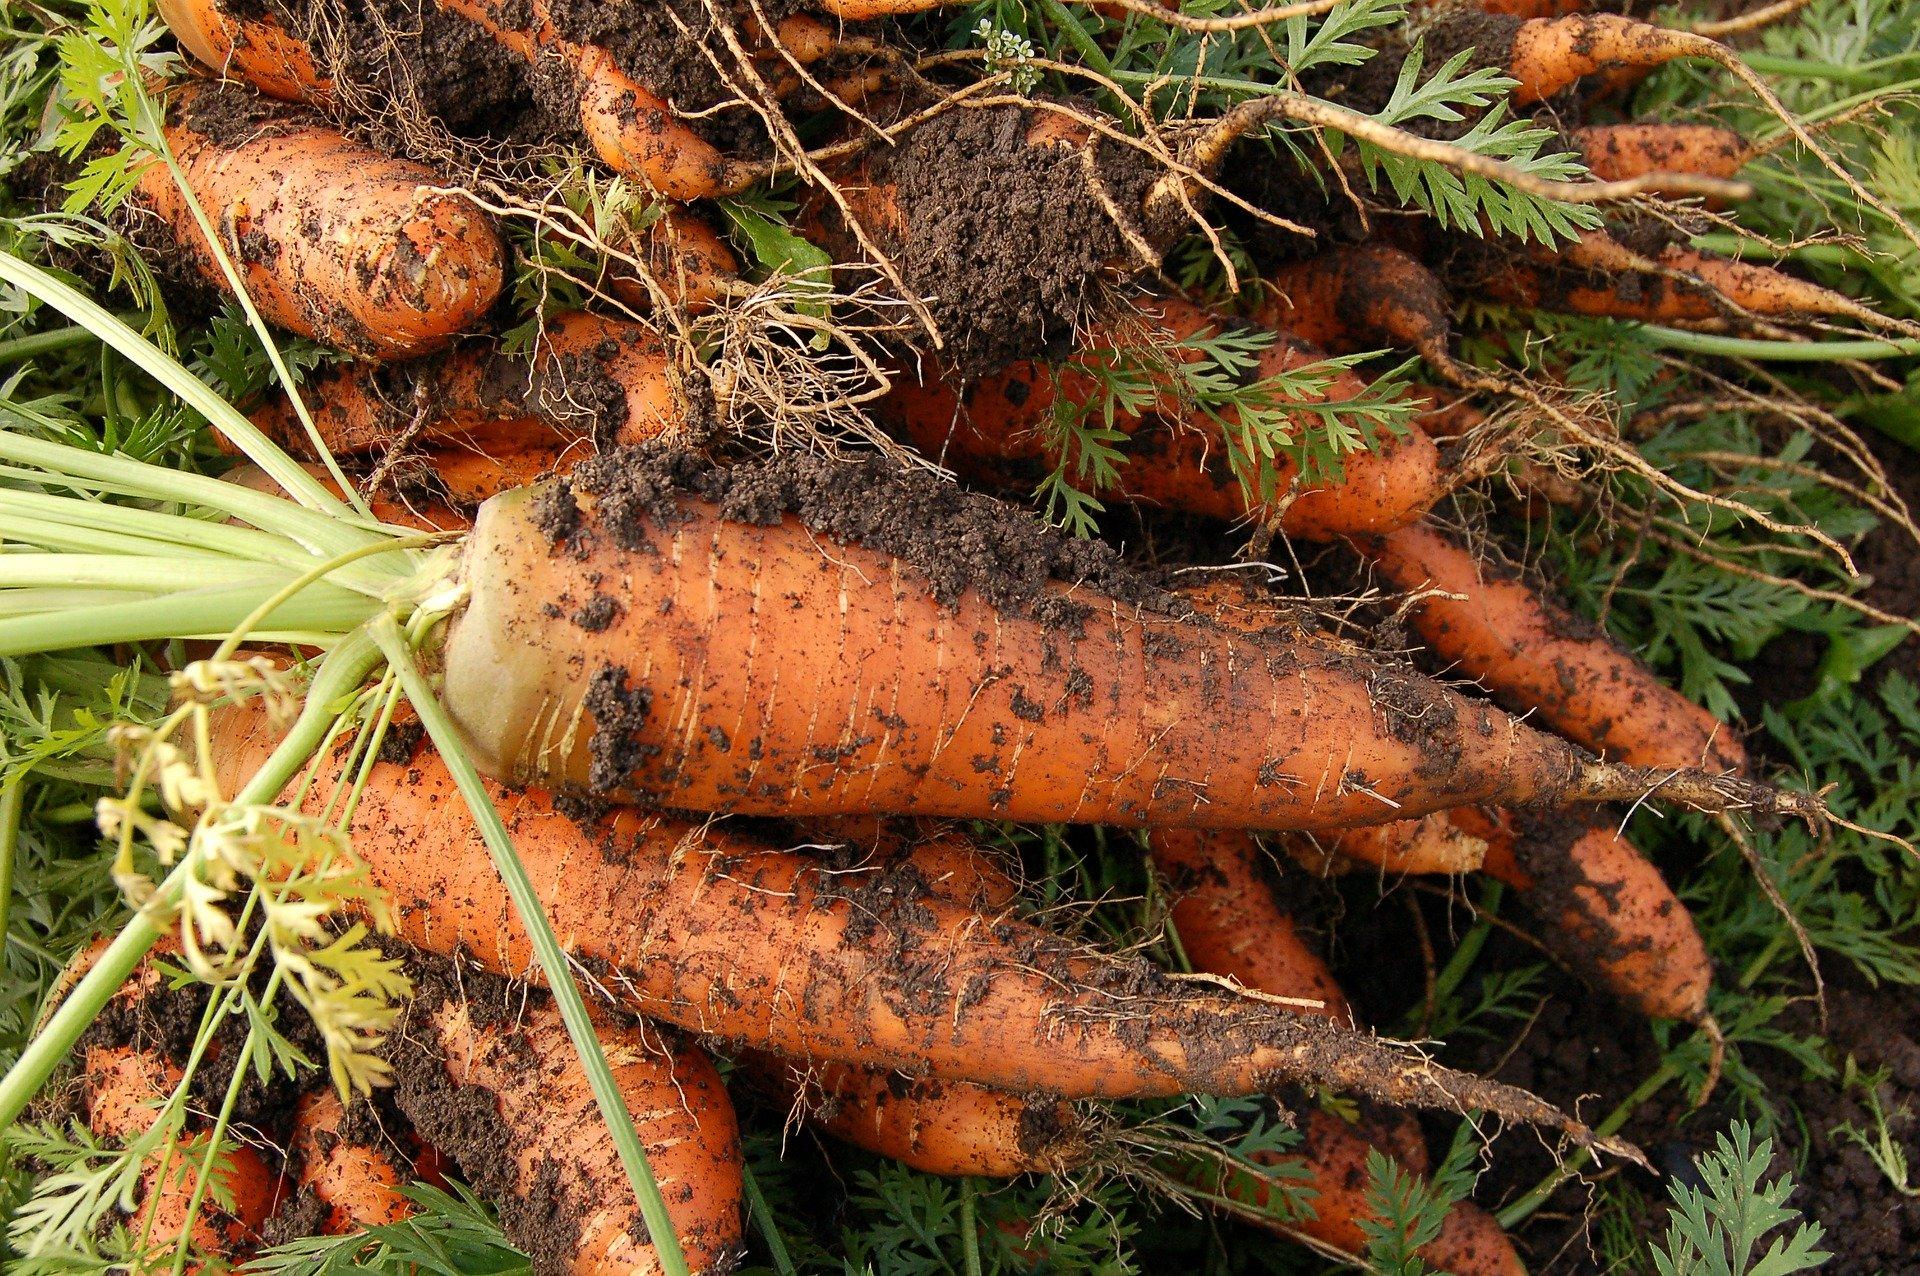 carottes bio Ferme de la Patte d'Oie ©Gîte Zou la Galinette